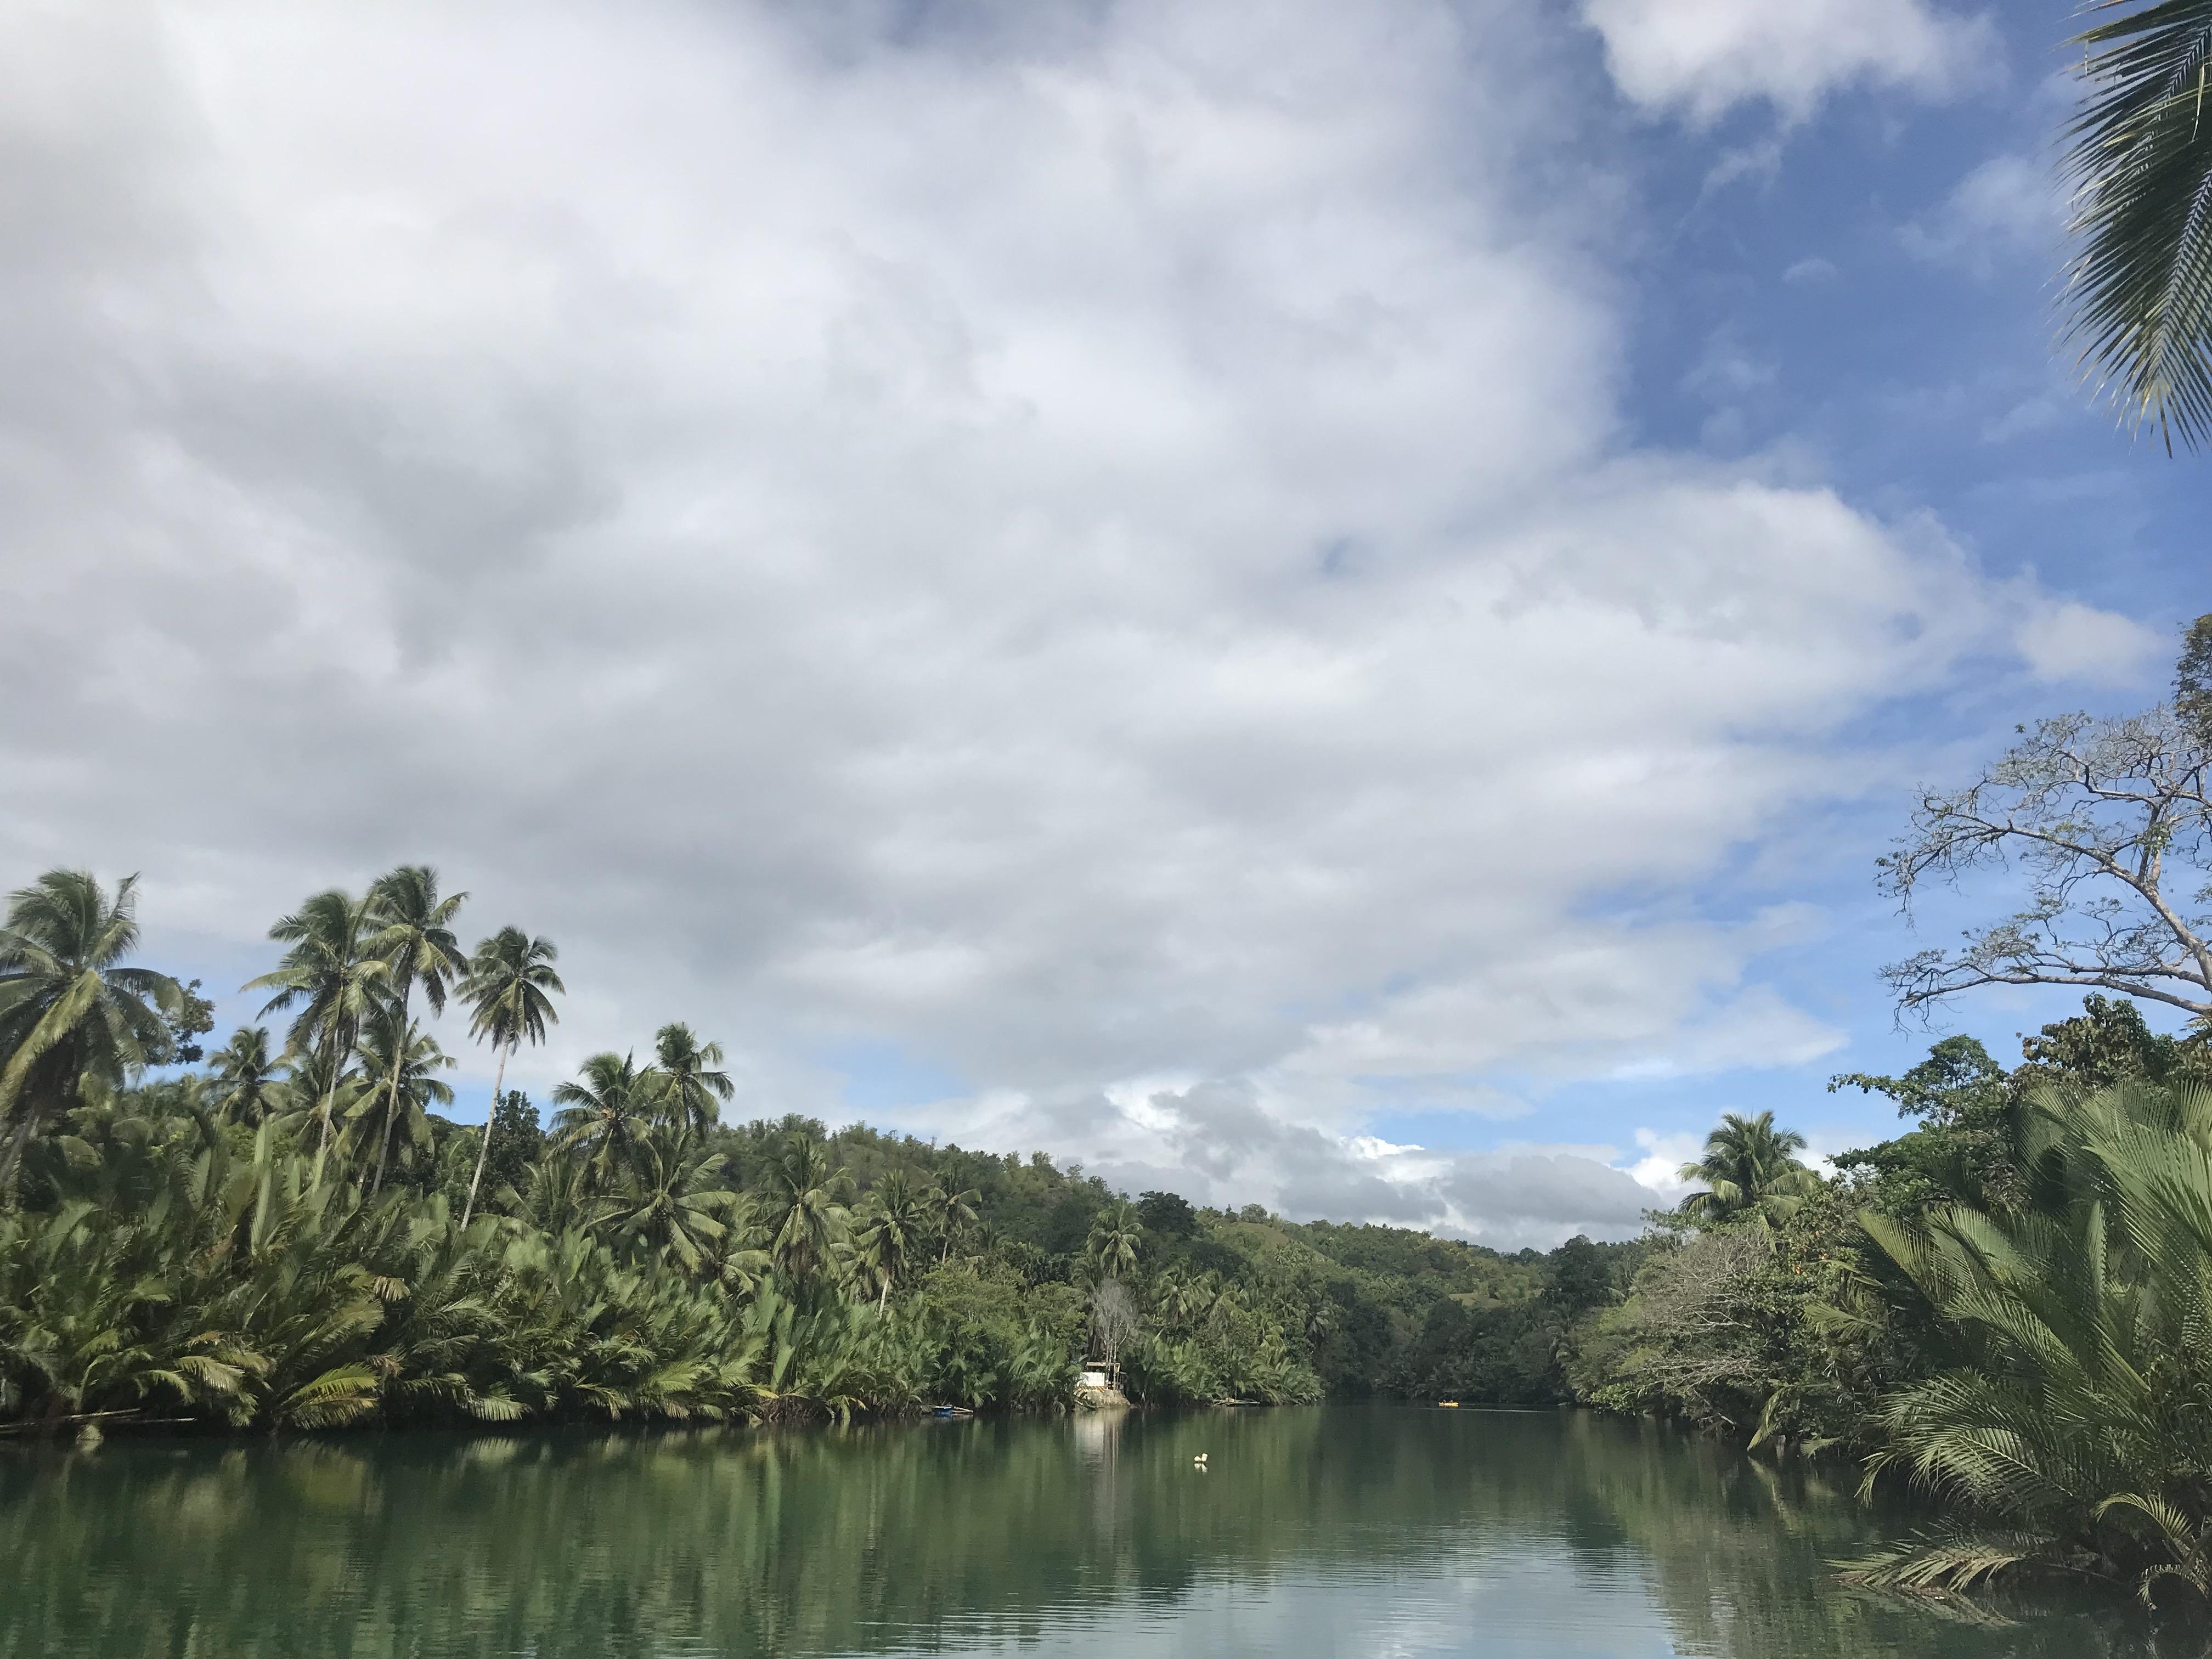 fiume-loboc-bohol